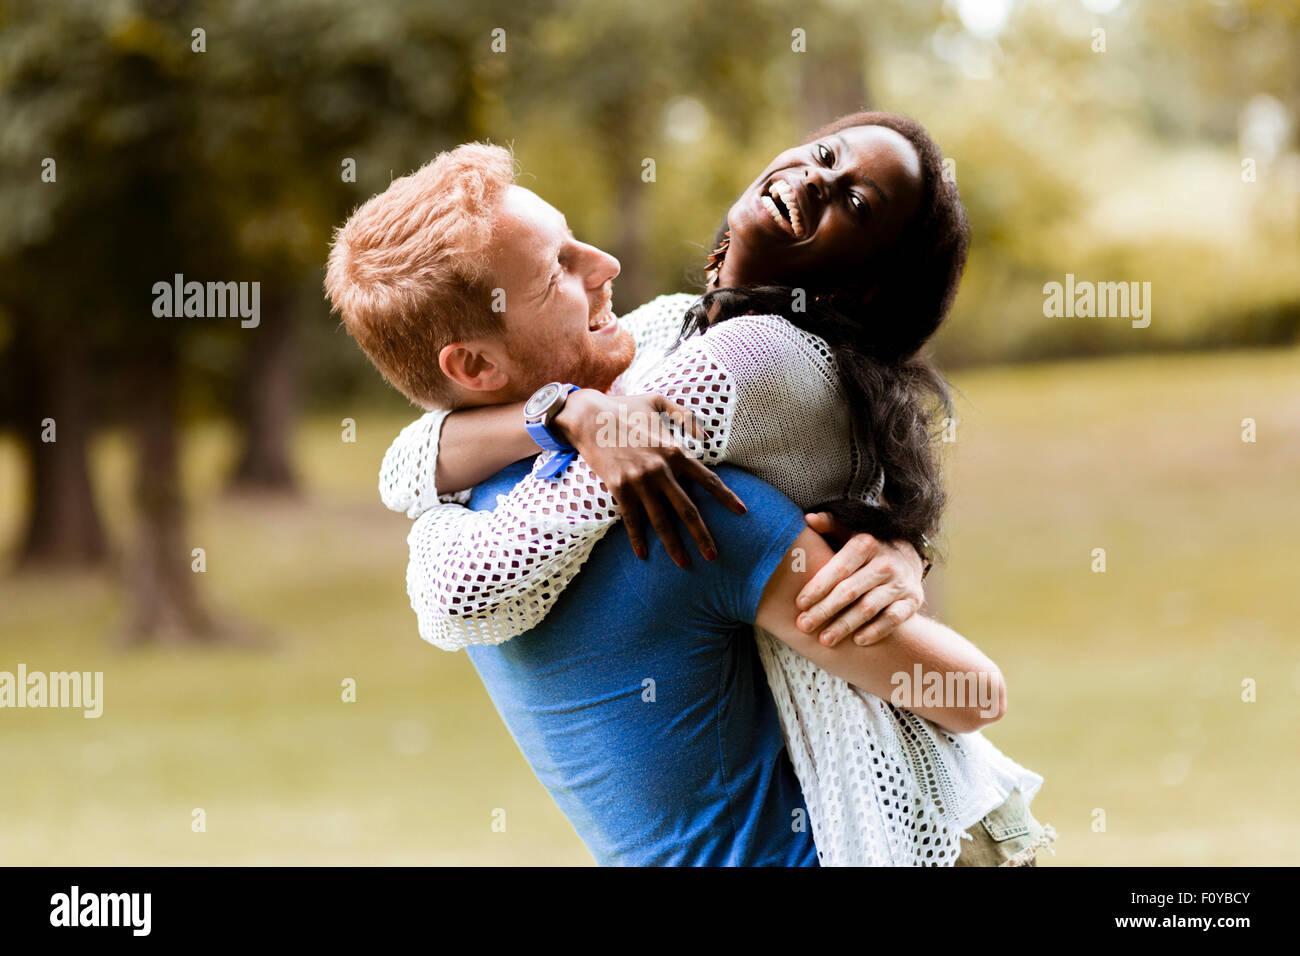 Porträt von einem glücklichen paar tanzen und umarmt in einem Park im freien Stockbild